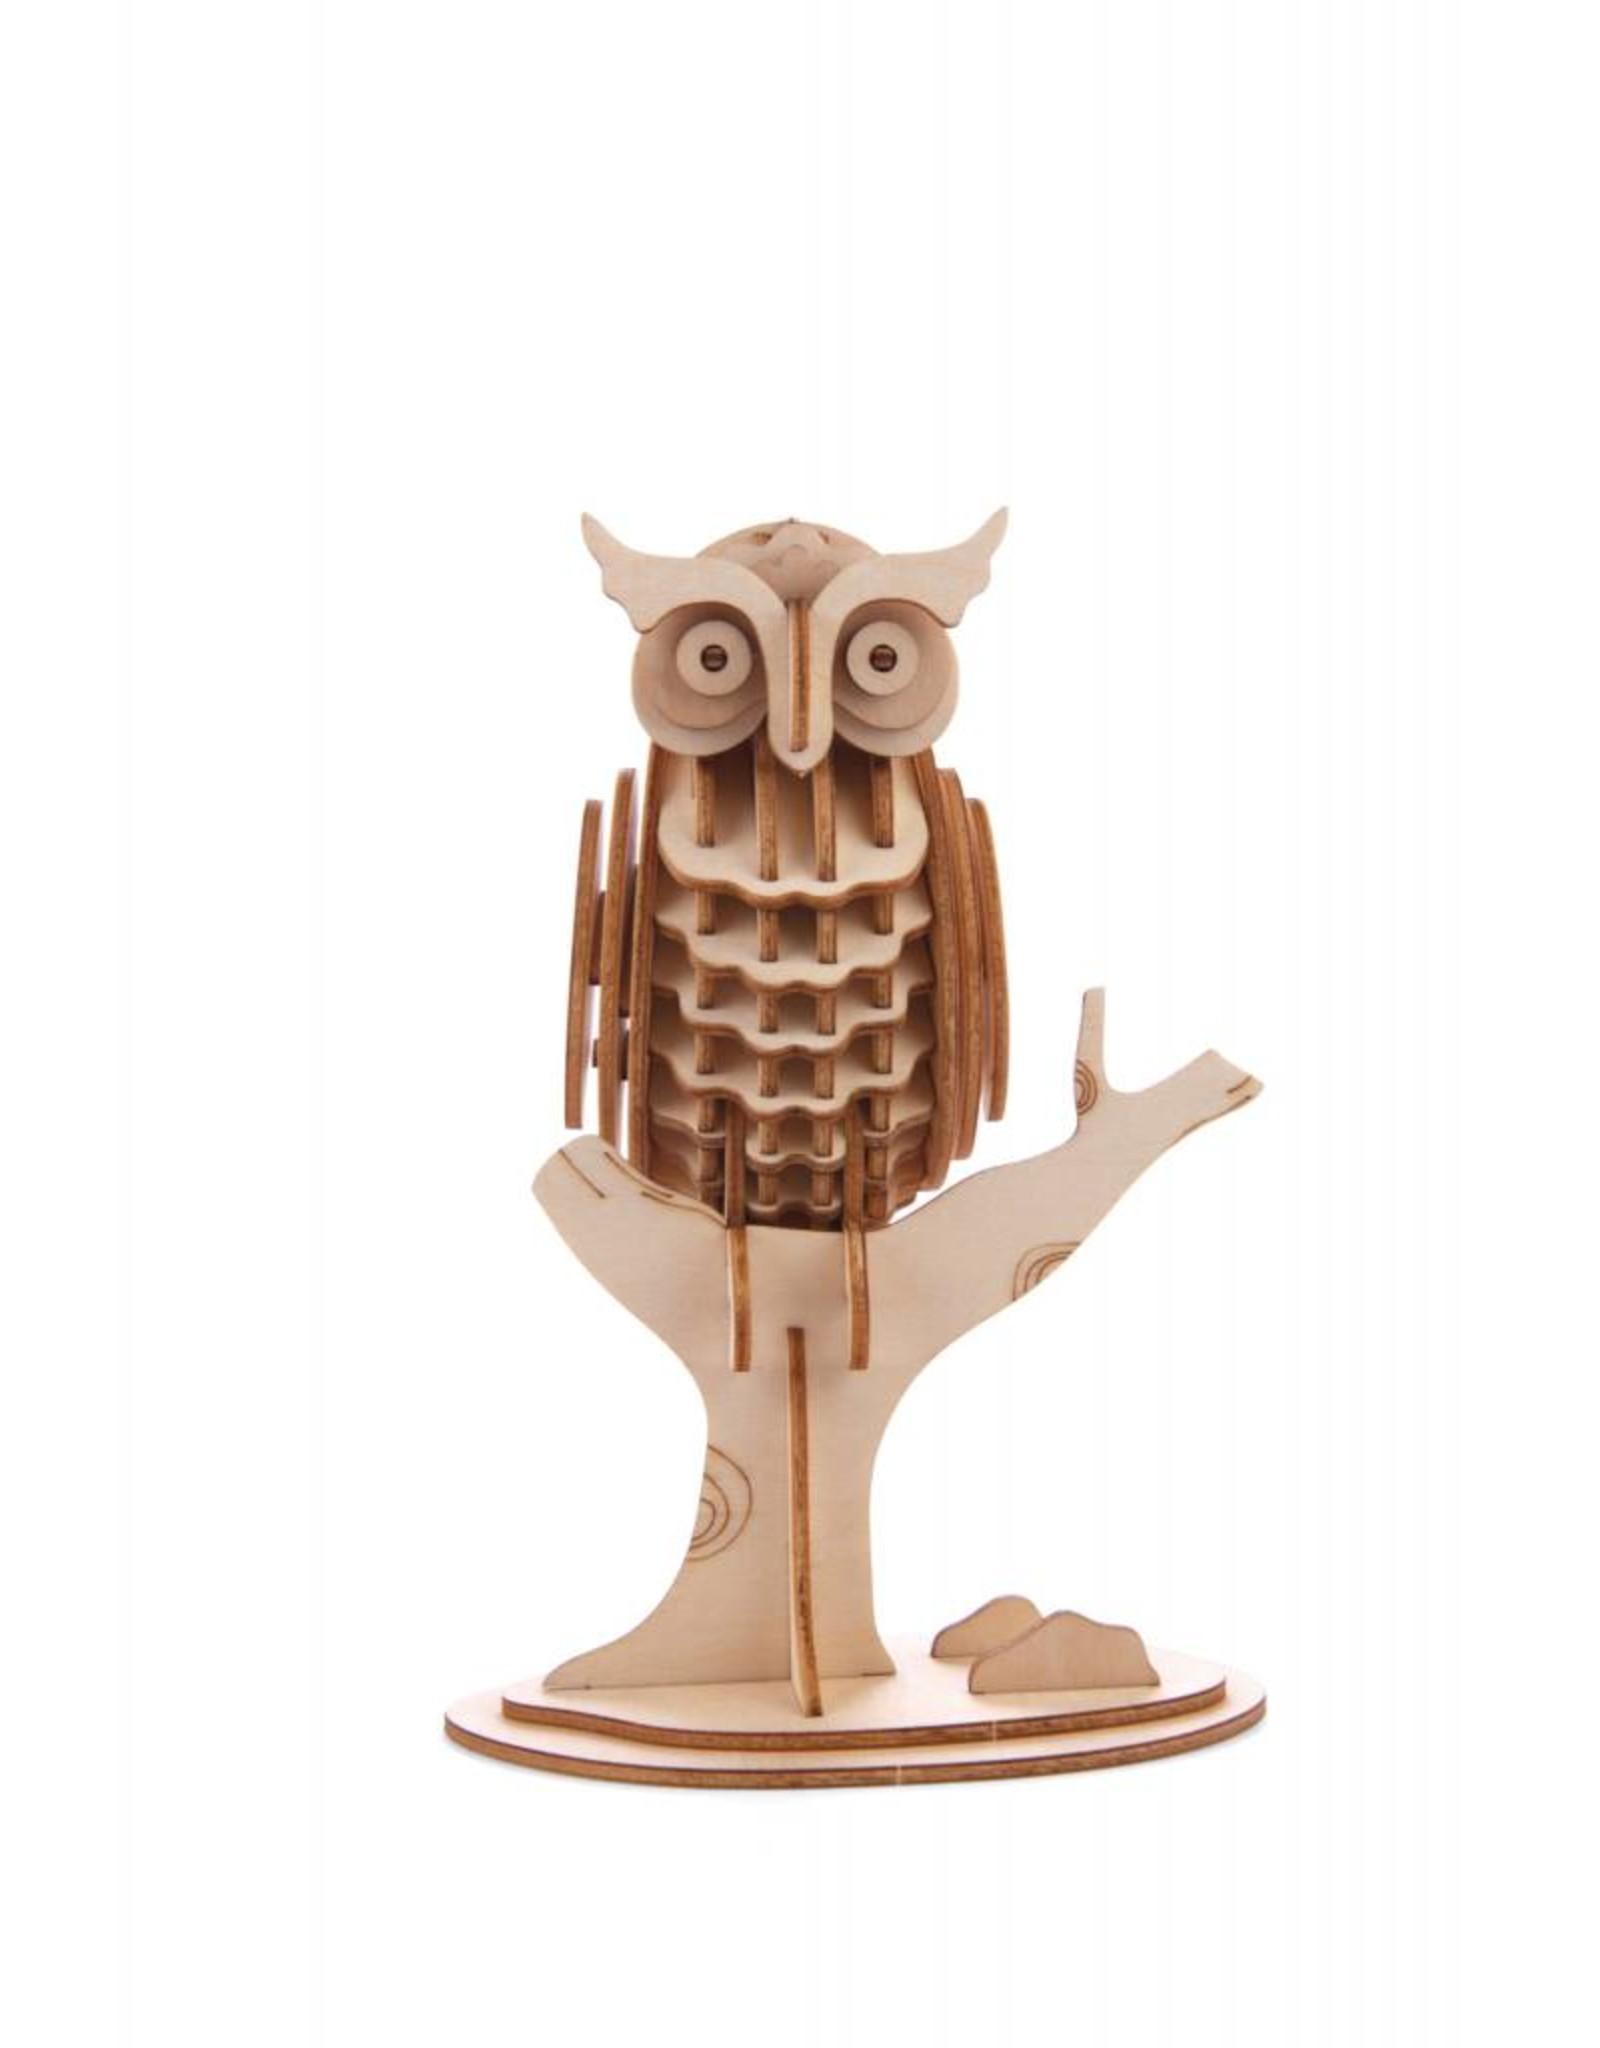 3D wooden puzzle - owl